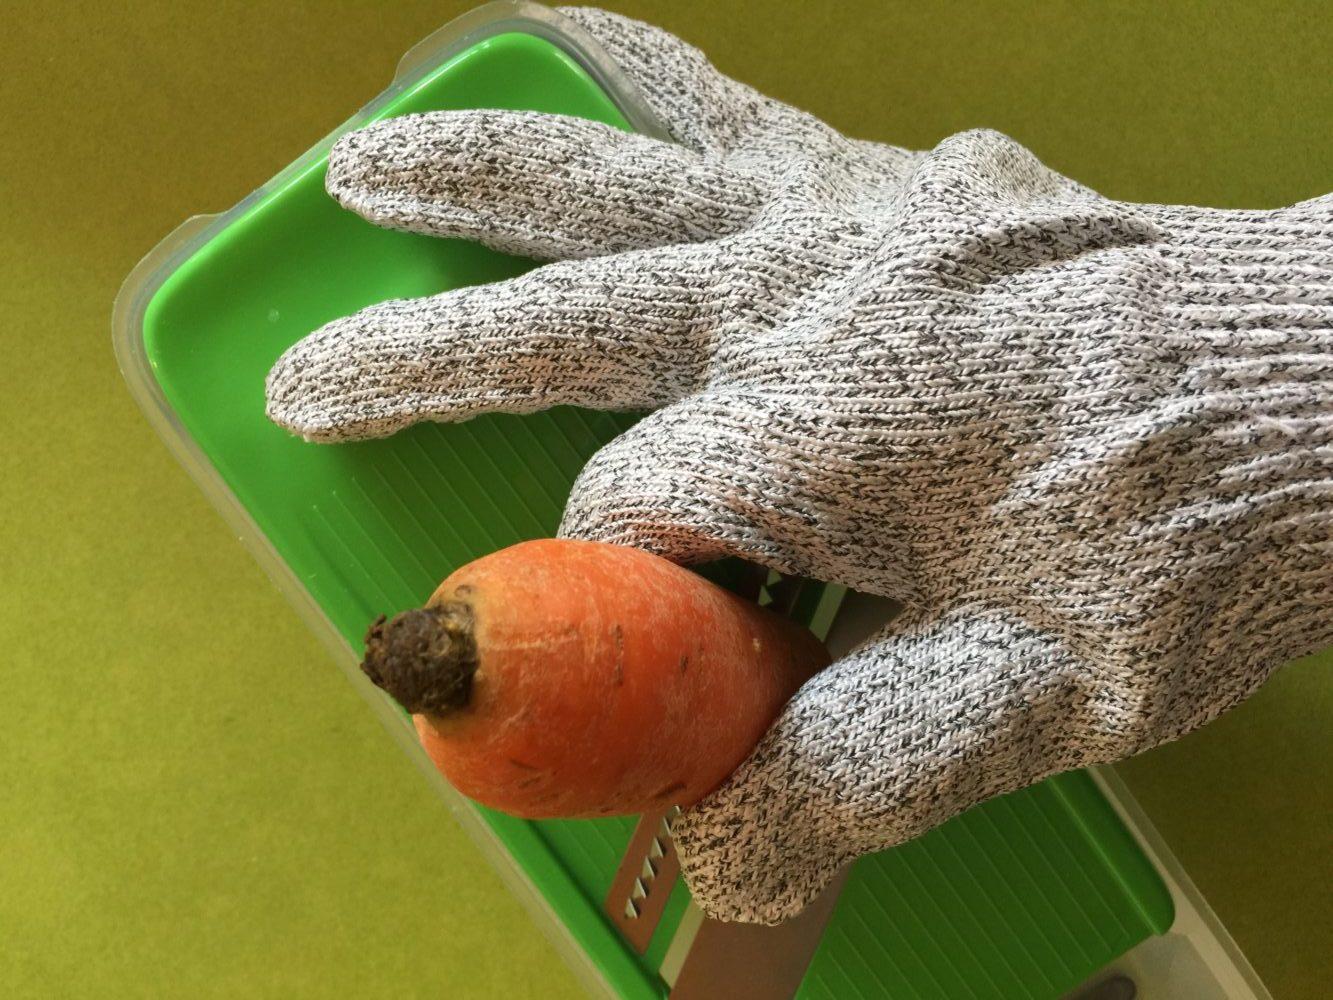 Le gant protecteur recommandé par Super Boîte à Lunch